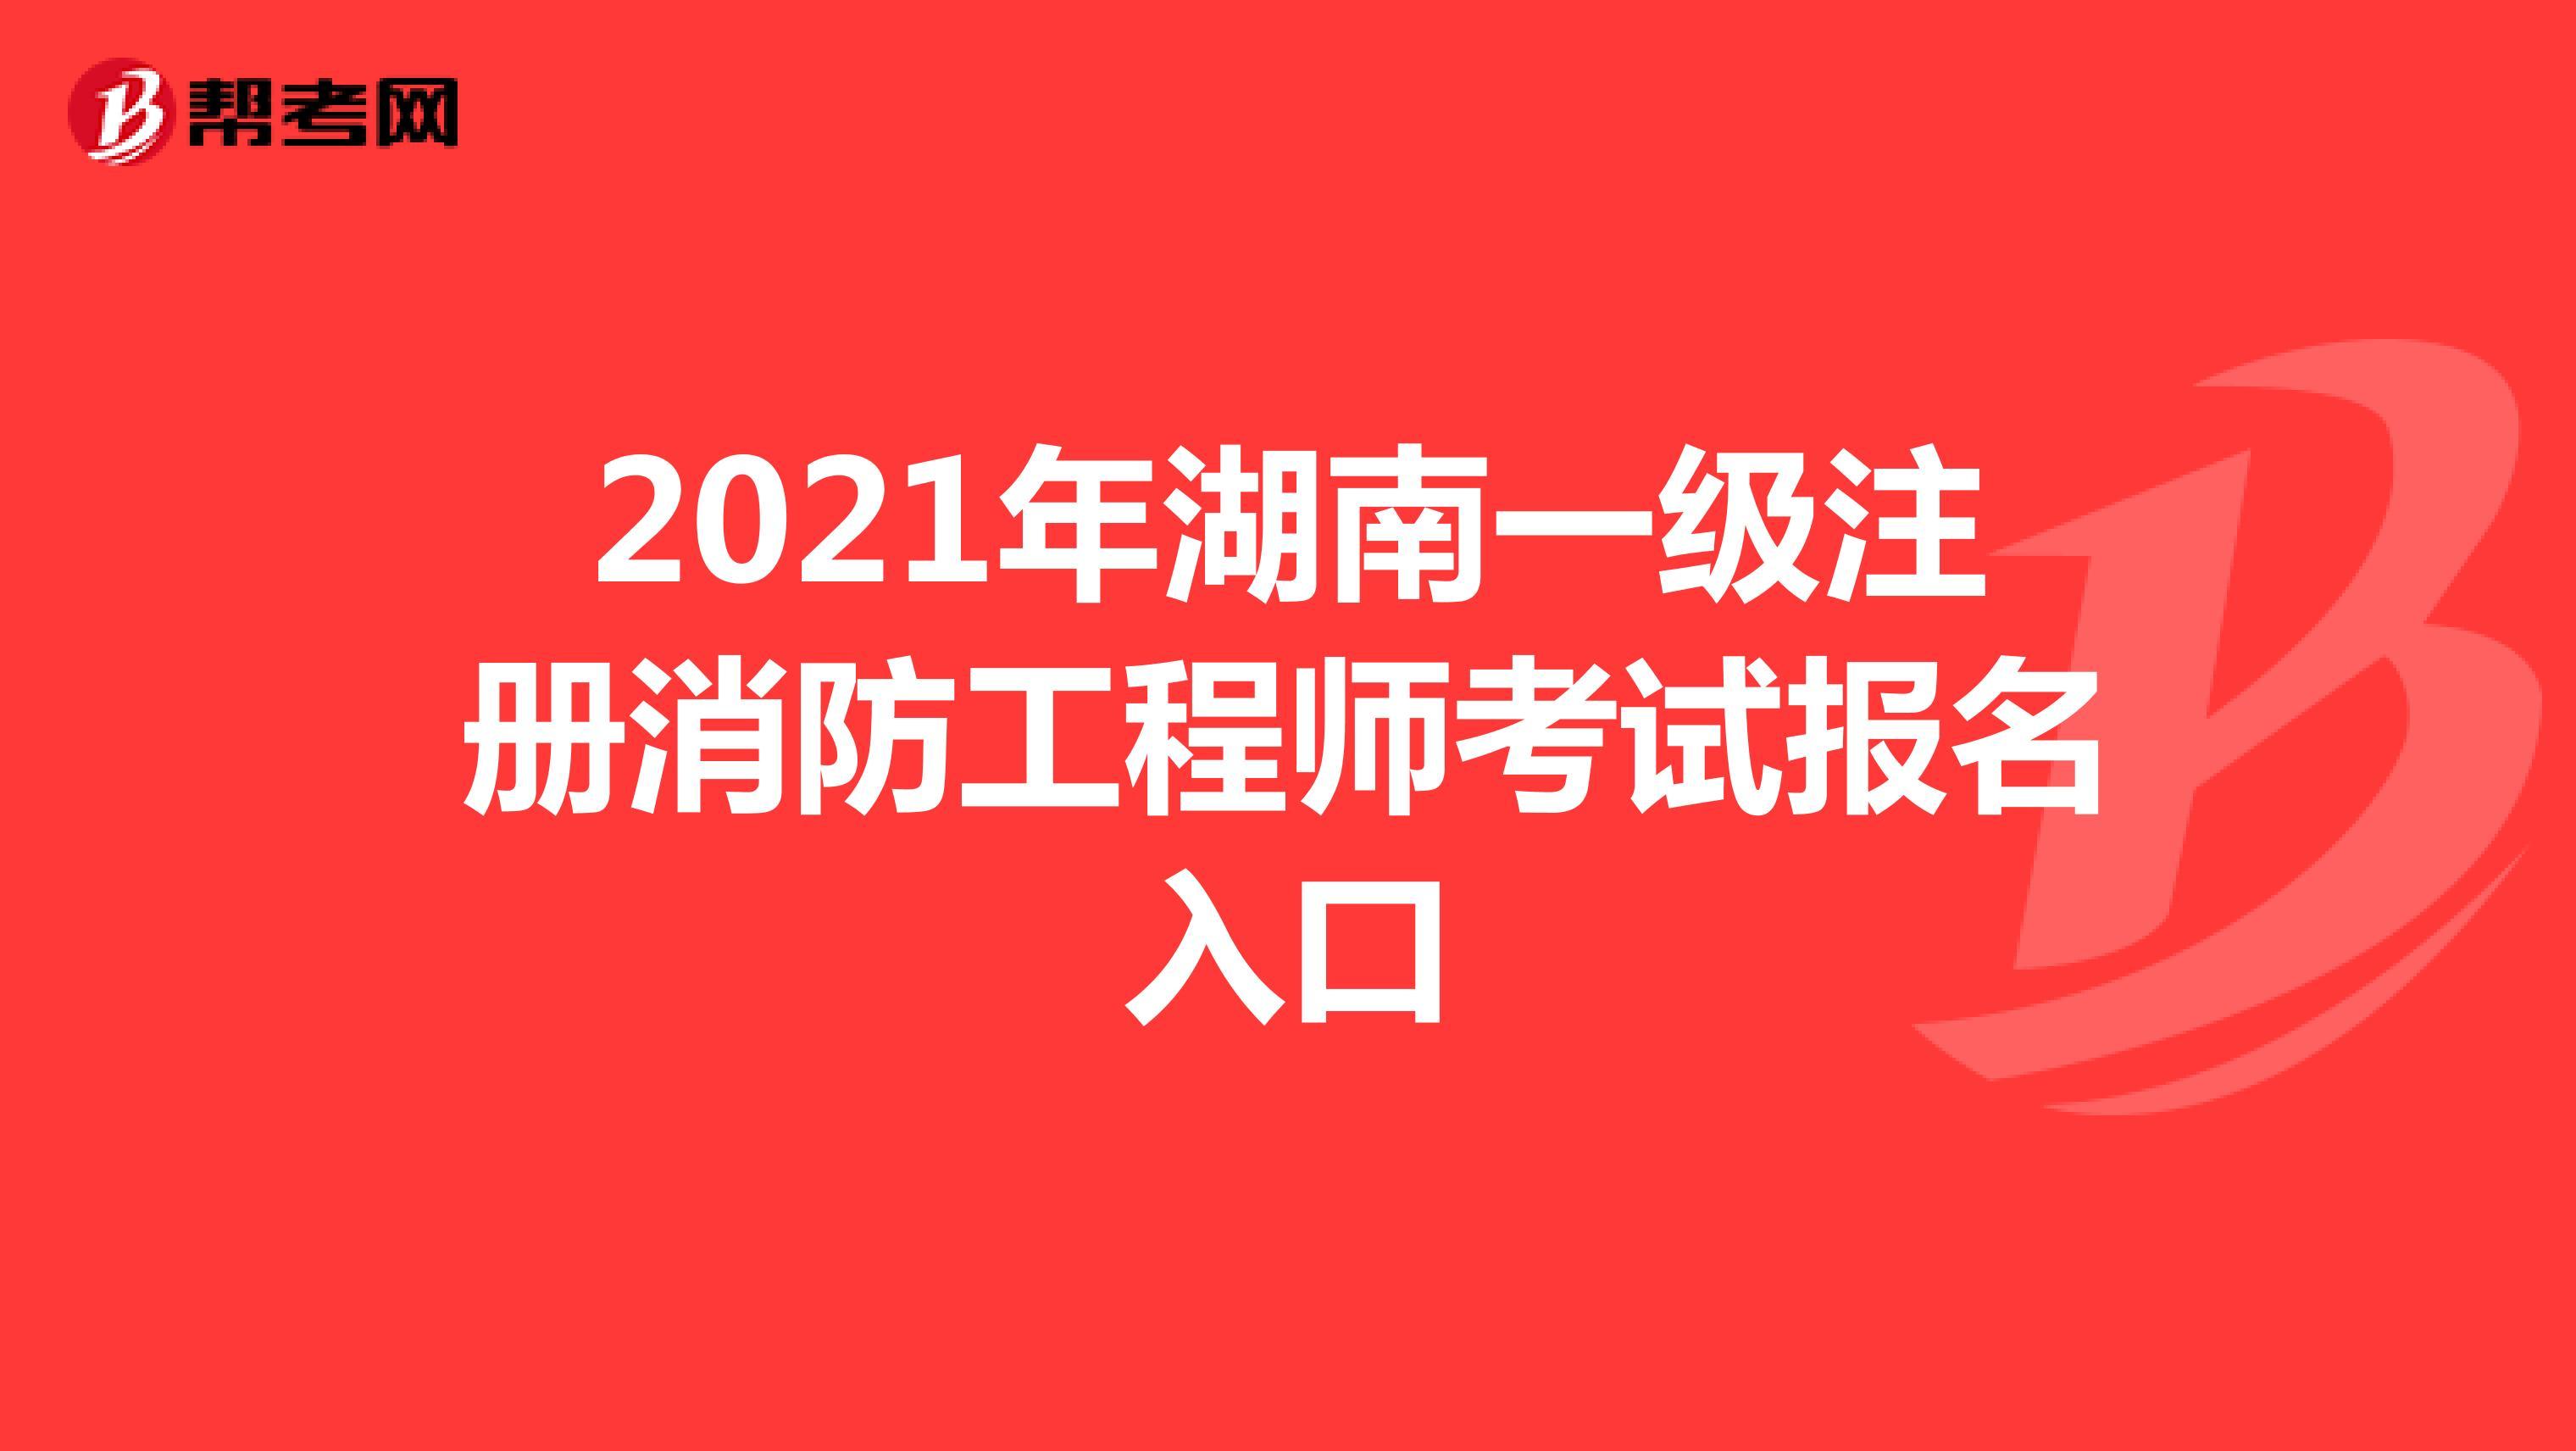 2021年湖南一級注冊消防工程師考試報名入口